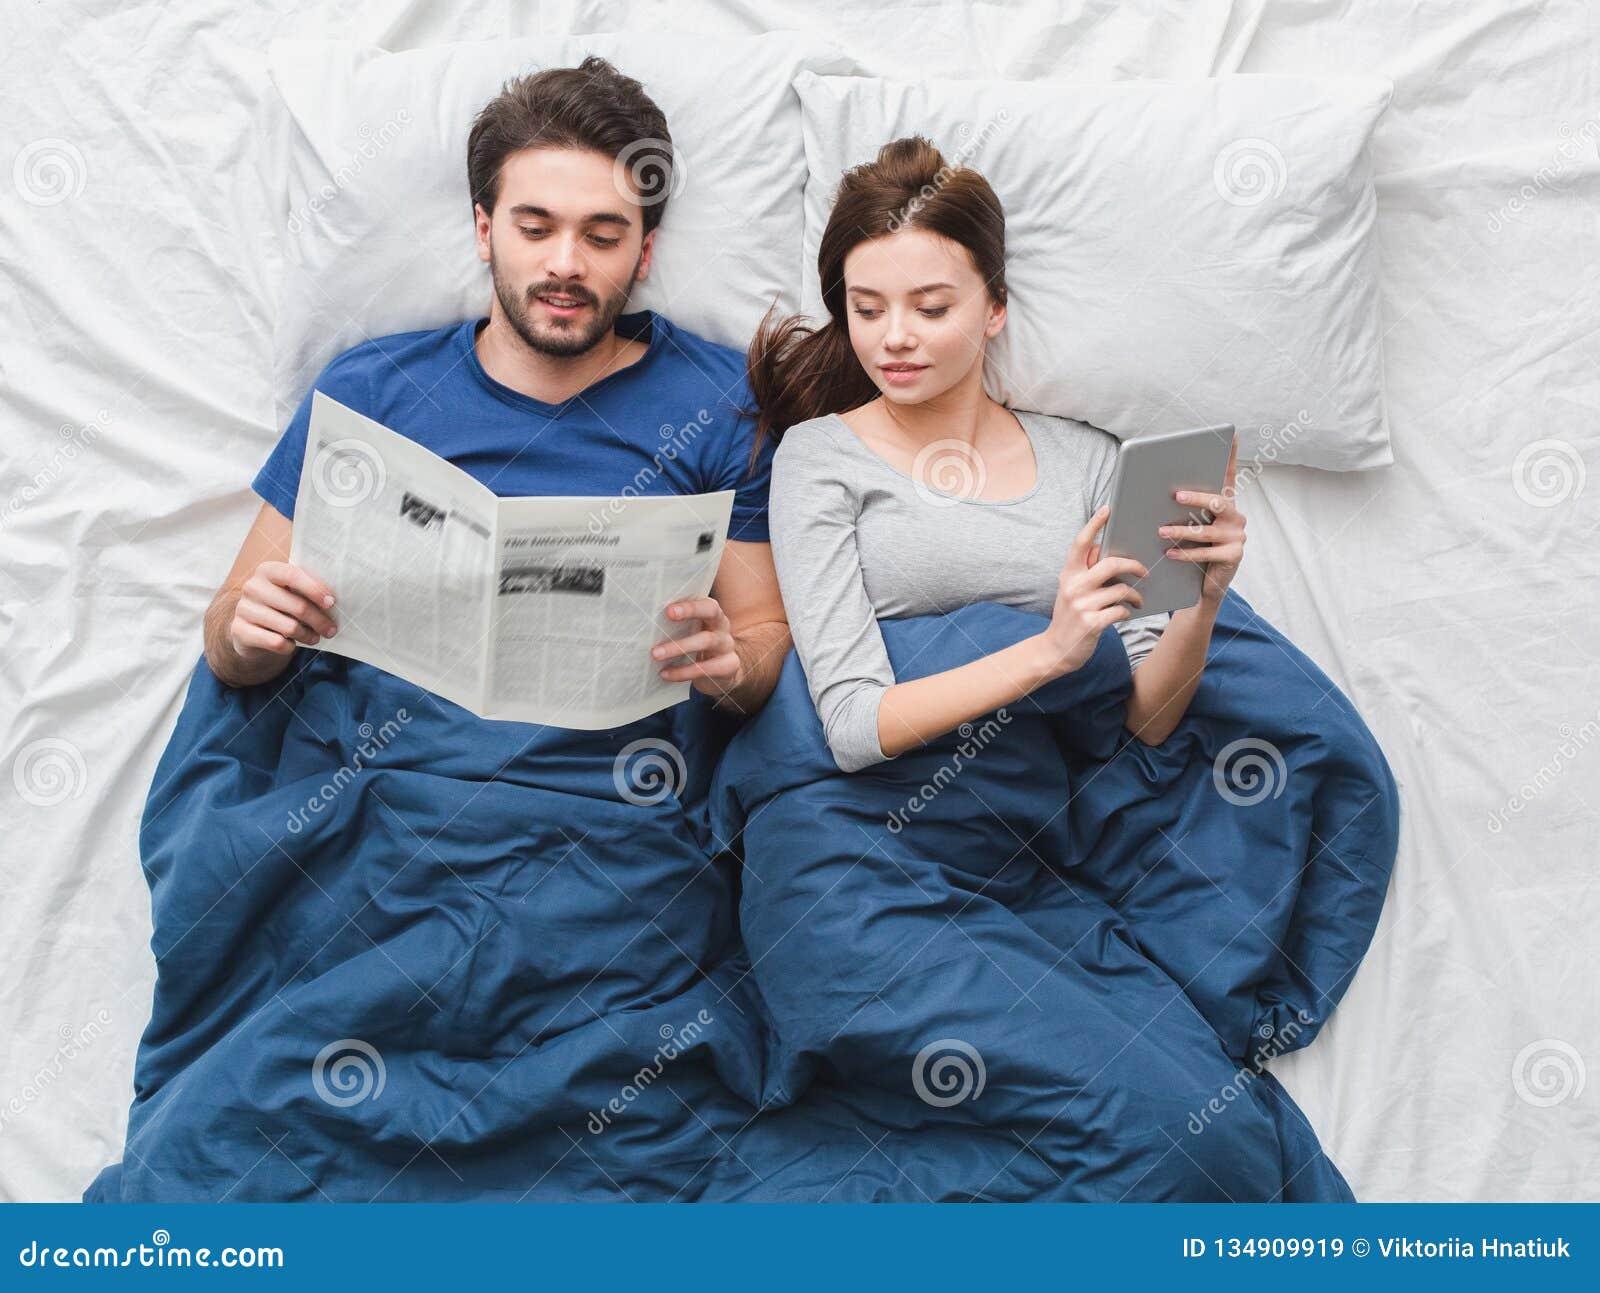 Giovane giornale della lettura del tipo di concetto di mattina di punto di vista superiore delle coppie a letto mentre ragazza fa